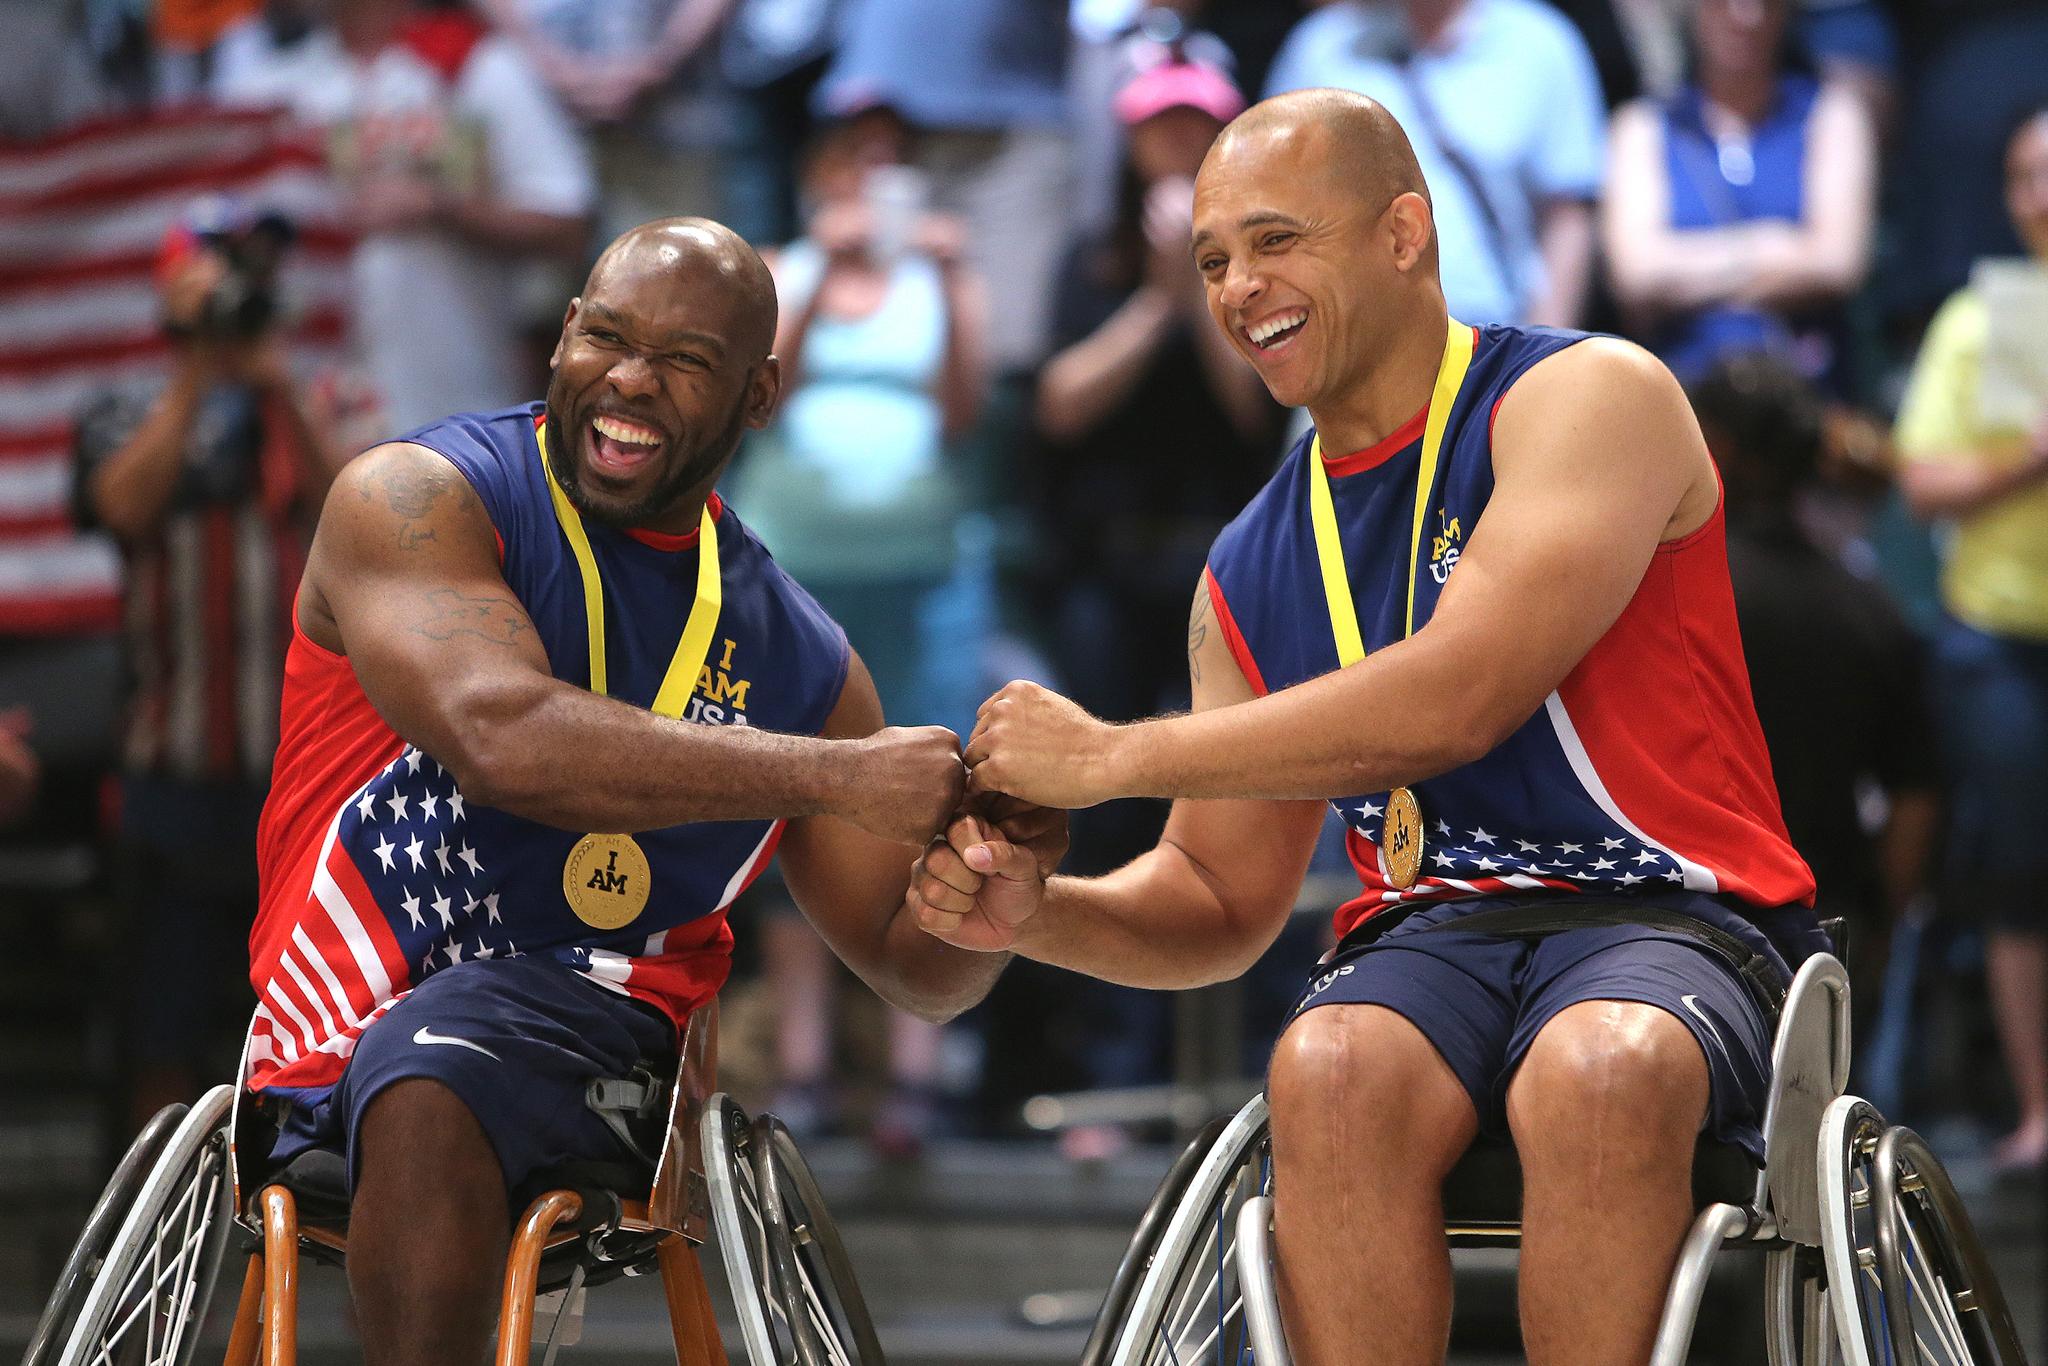 Dois homens em cadeiras de rodas se cumprimentam tocando os punhos (© Alex Menendez/Getty Images/Invictus Games)